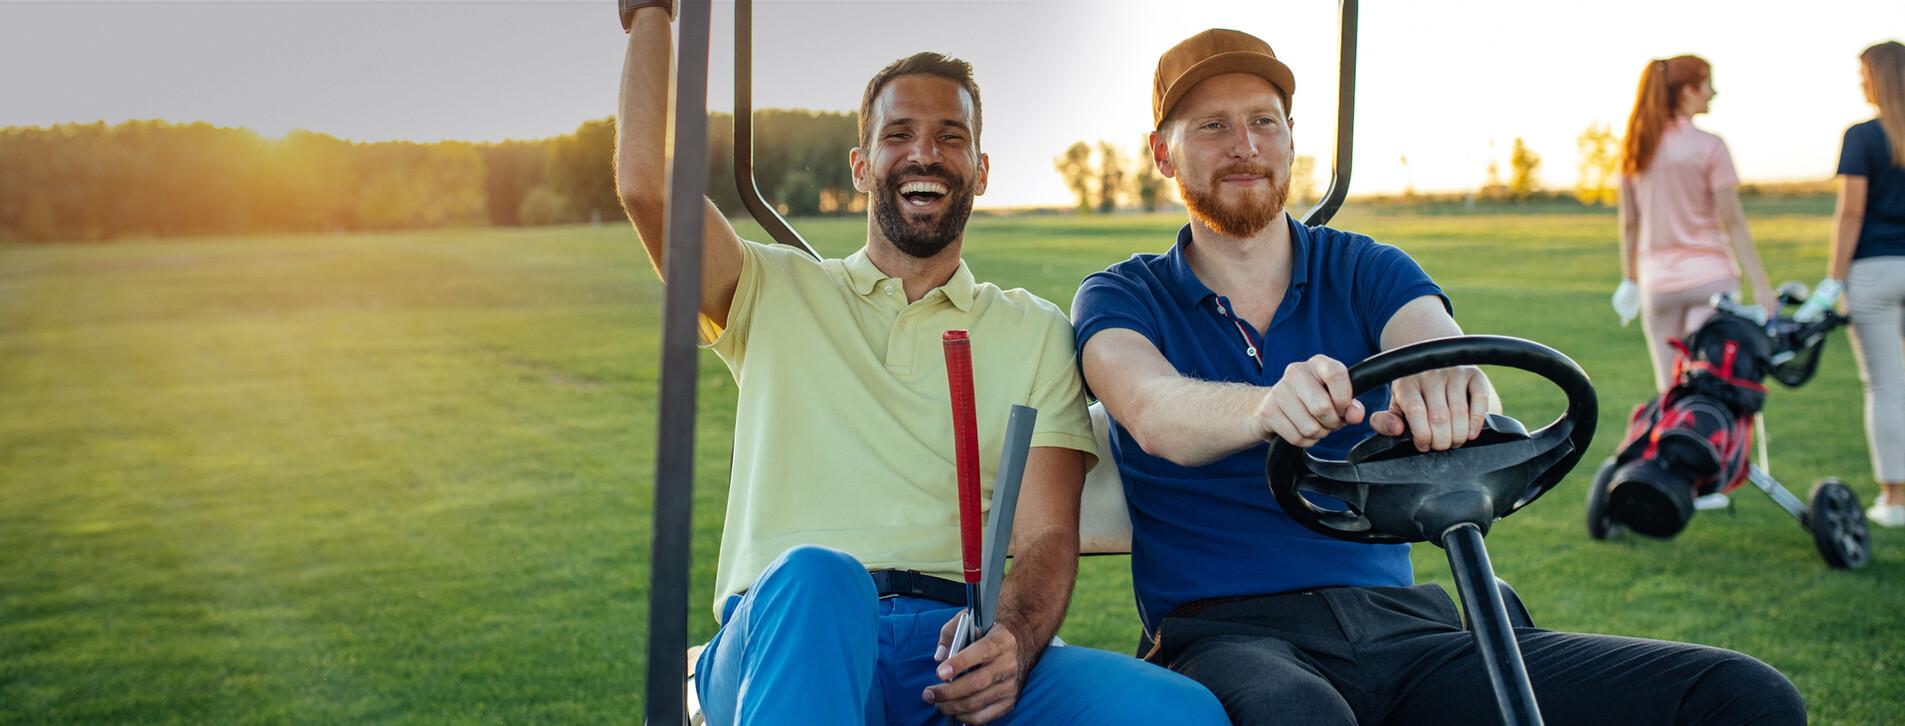 Фото - Уикенд в гольф-клубе для двоих